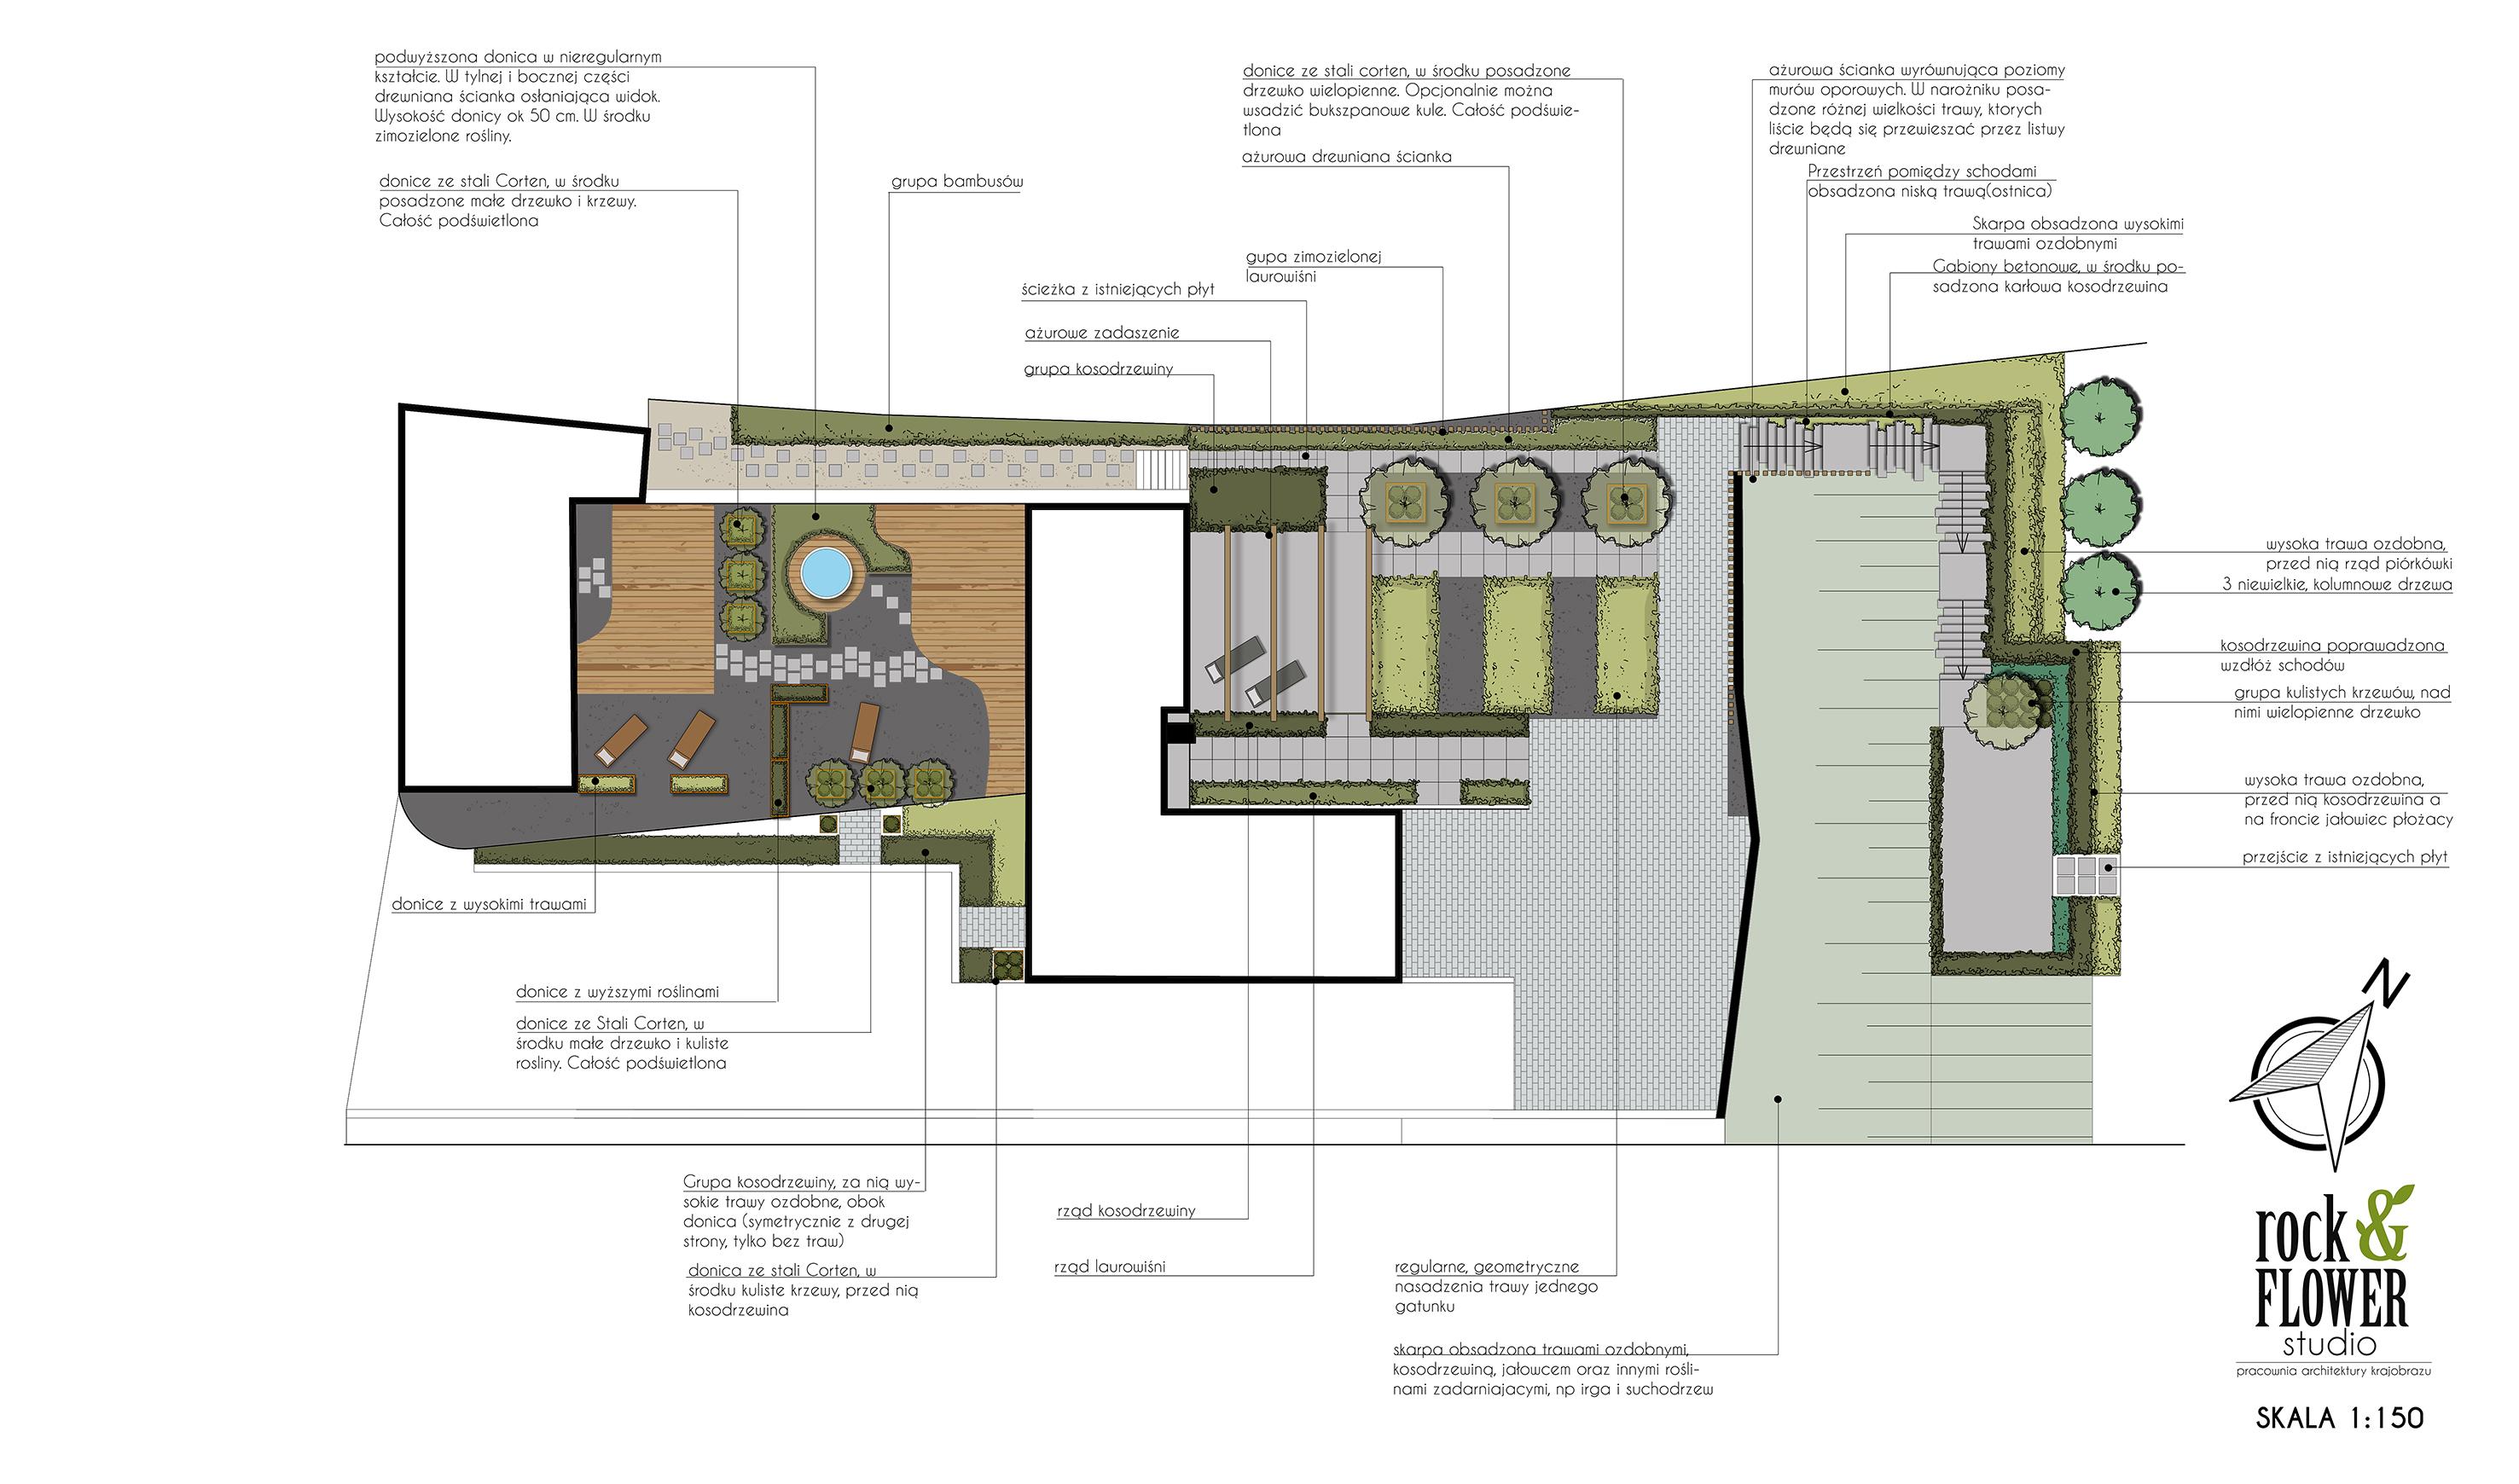 zahrada-u-moderneho-domu-praha-navrh-zahrady-rockandflowerstudio-zahradniarchitekt-praha-zahrady-modernezahrady